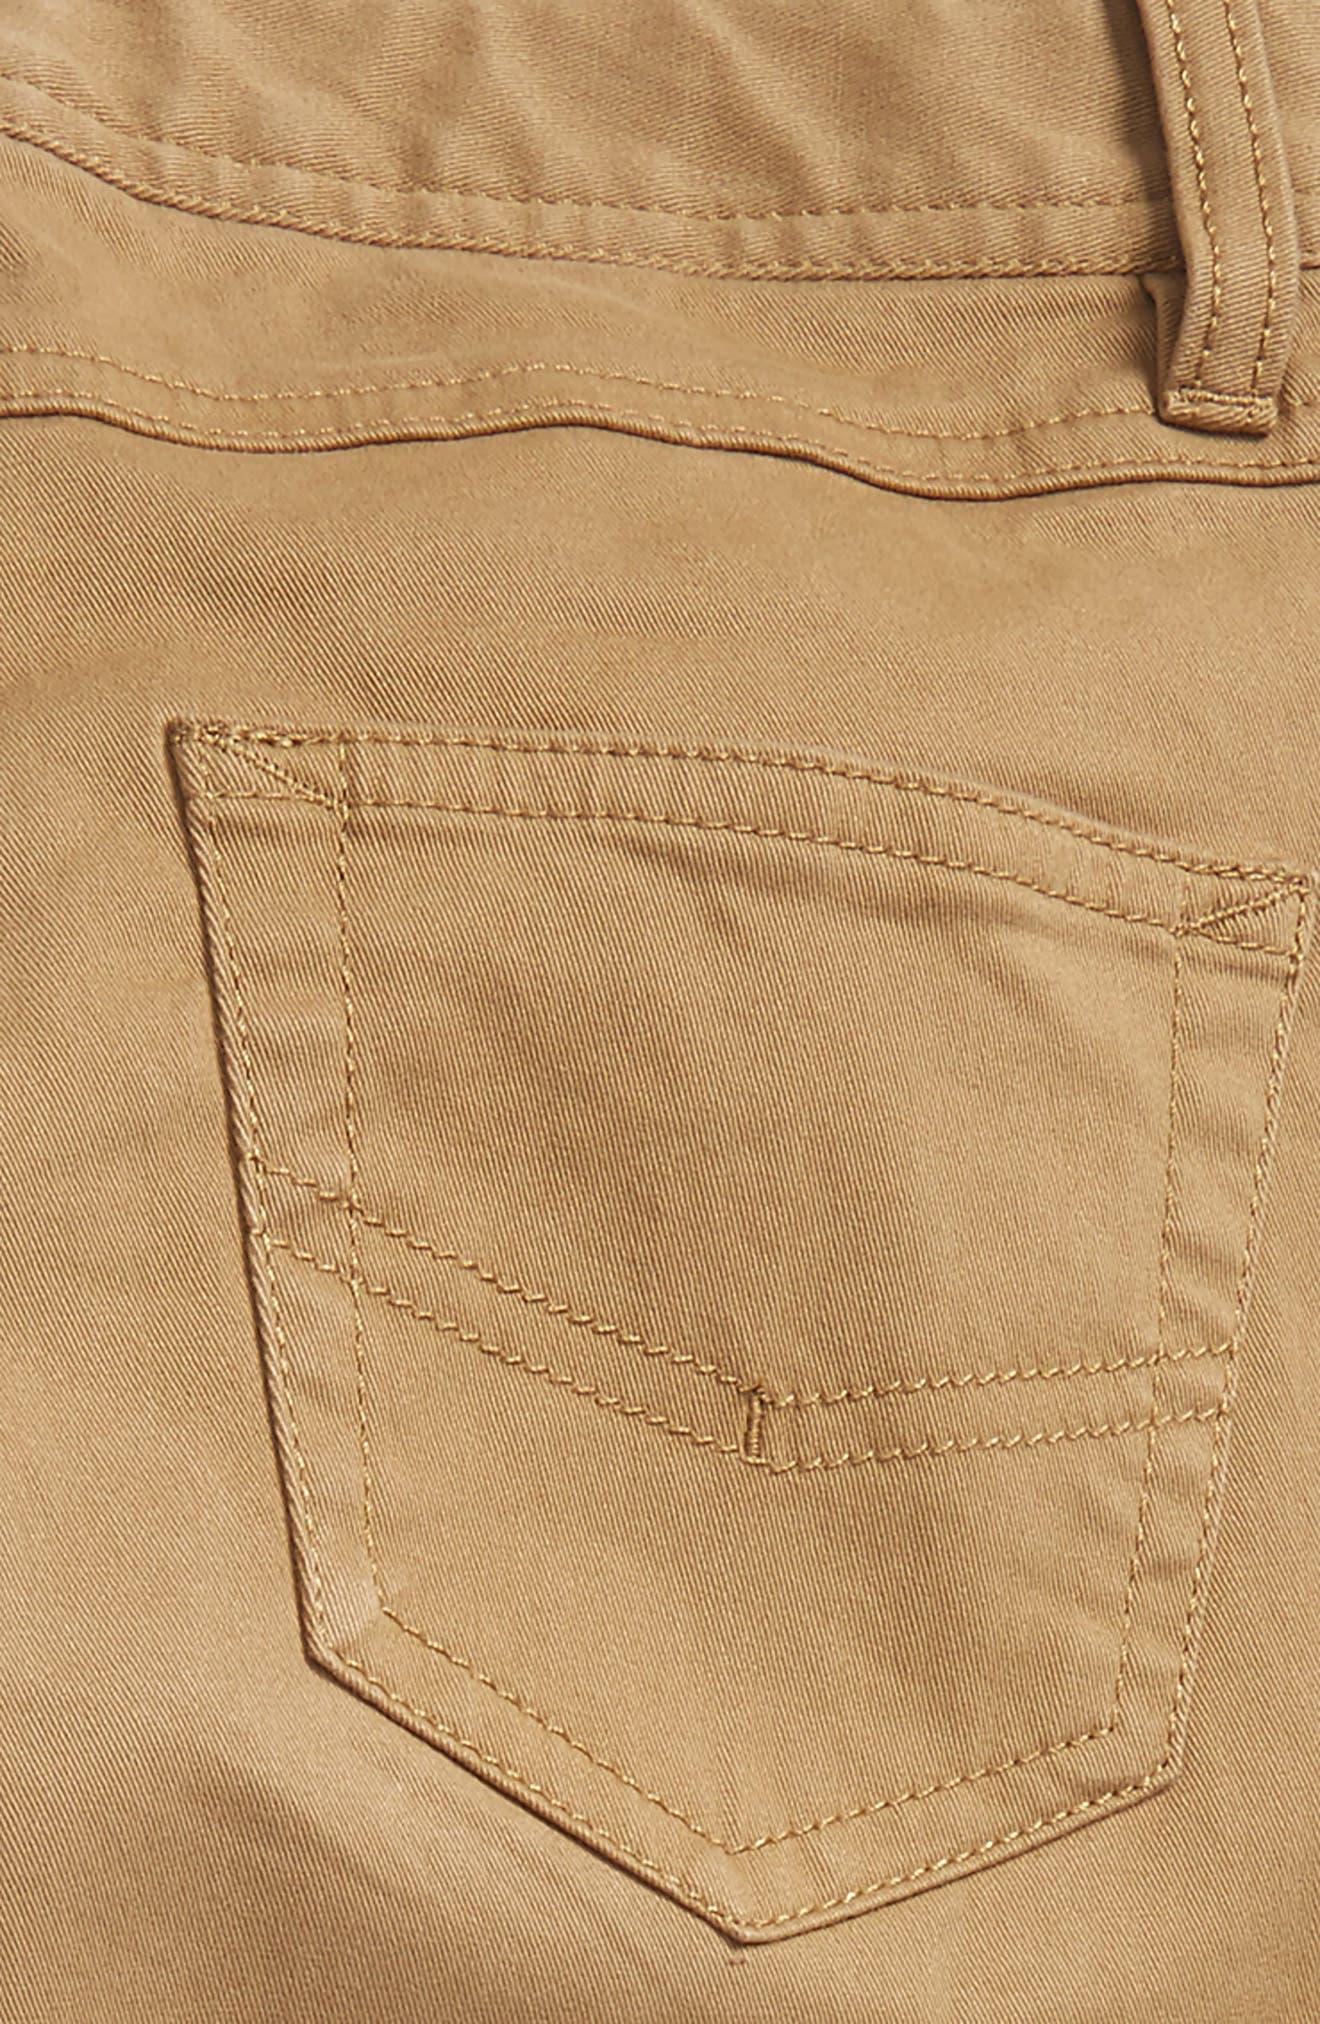 Twill Pants,                             Alternate thumbnail 3, color,                             Tan Kelp